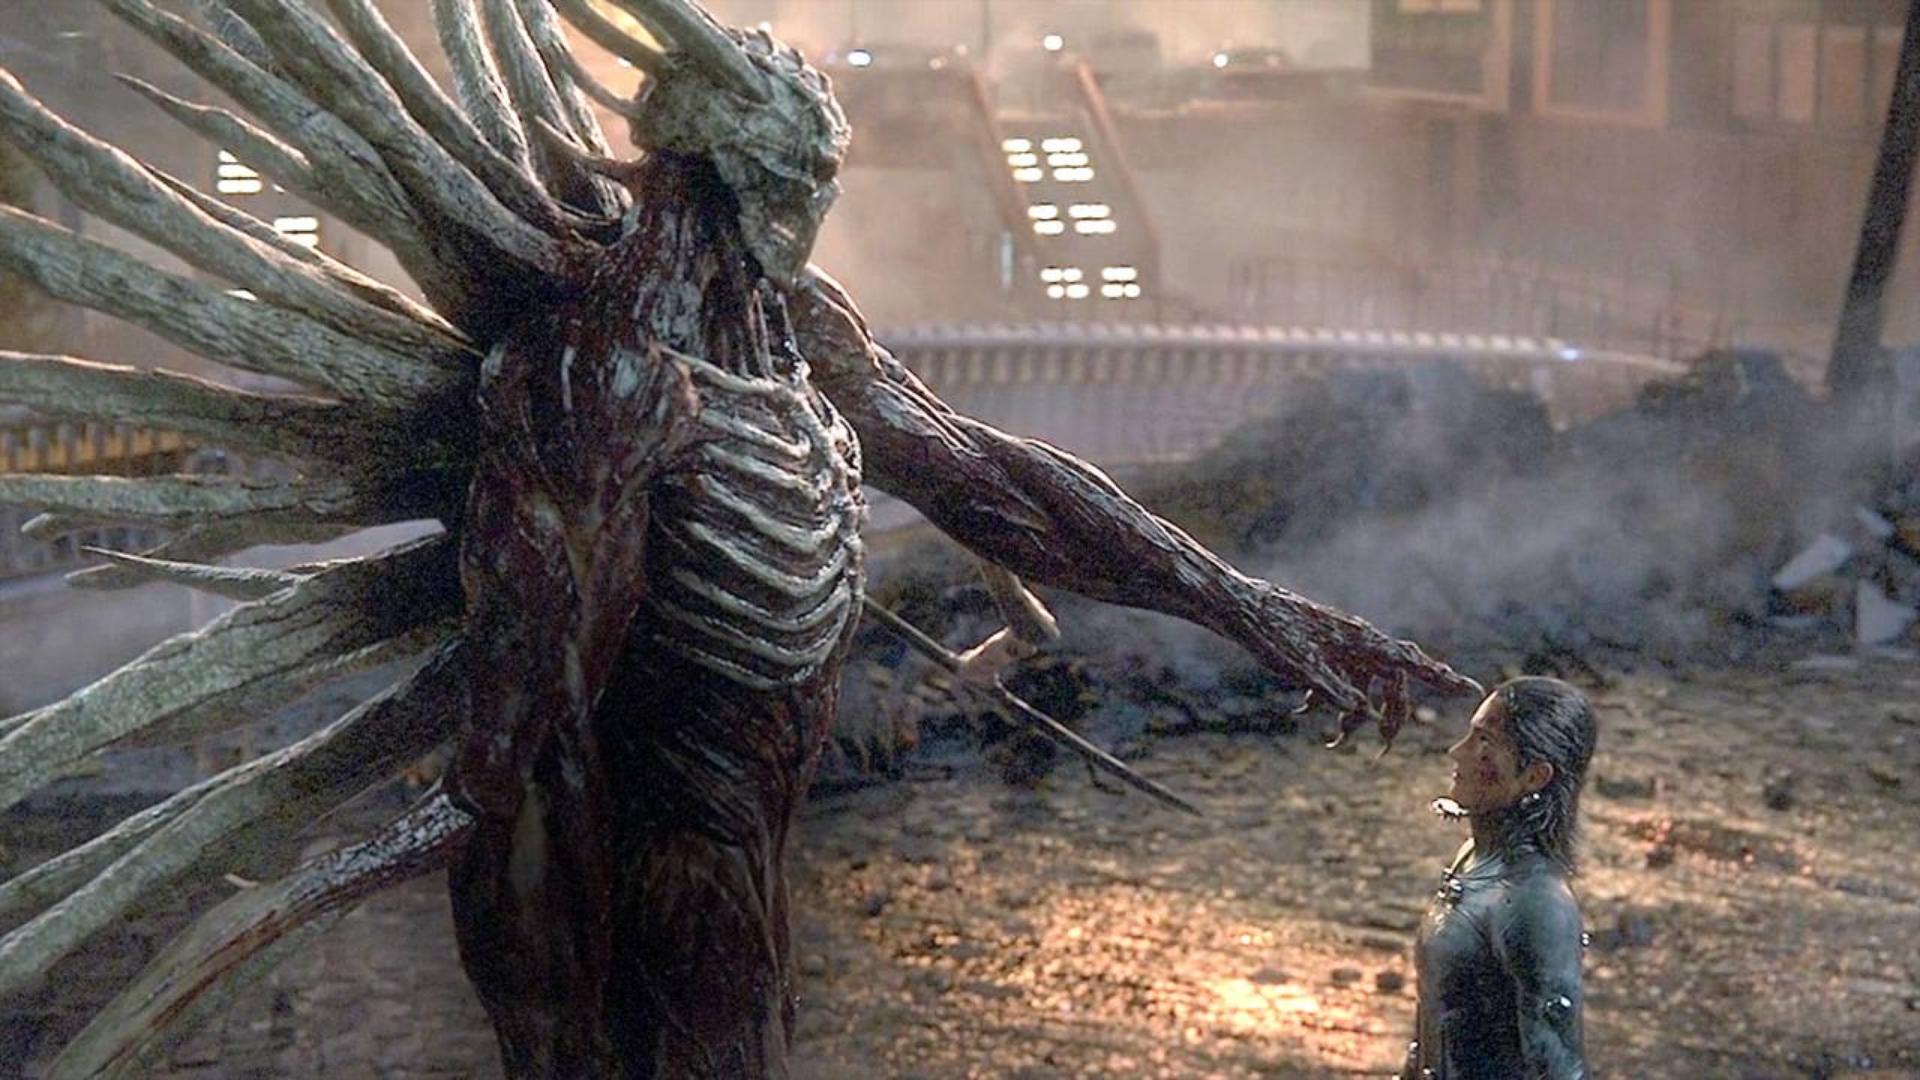 最强BOSS登场!外星人拥有五种形态,自诩为神,手撕超级战士!速看科幻电影《杀戮都市:O》